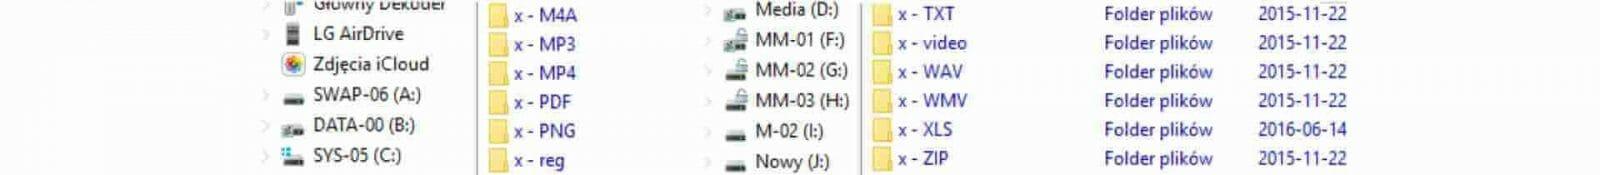 odzyskiwanie-plików Odzyskiwanie plików odzyskiwanie plików Odzyskiwanie plików odzyskiwanie plik  w